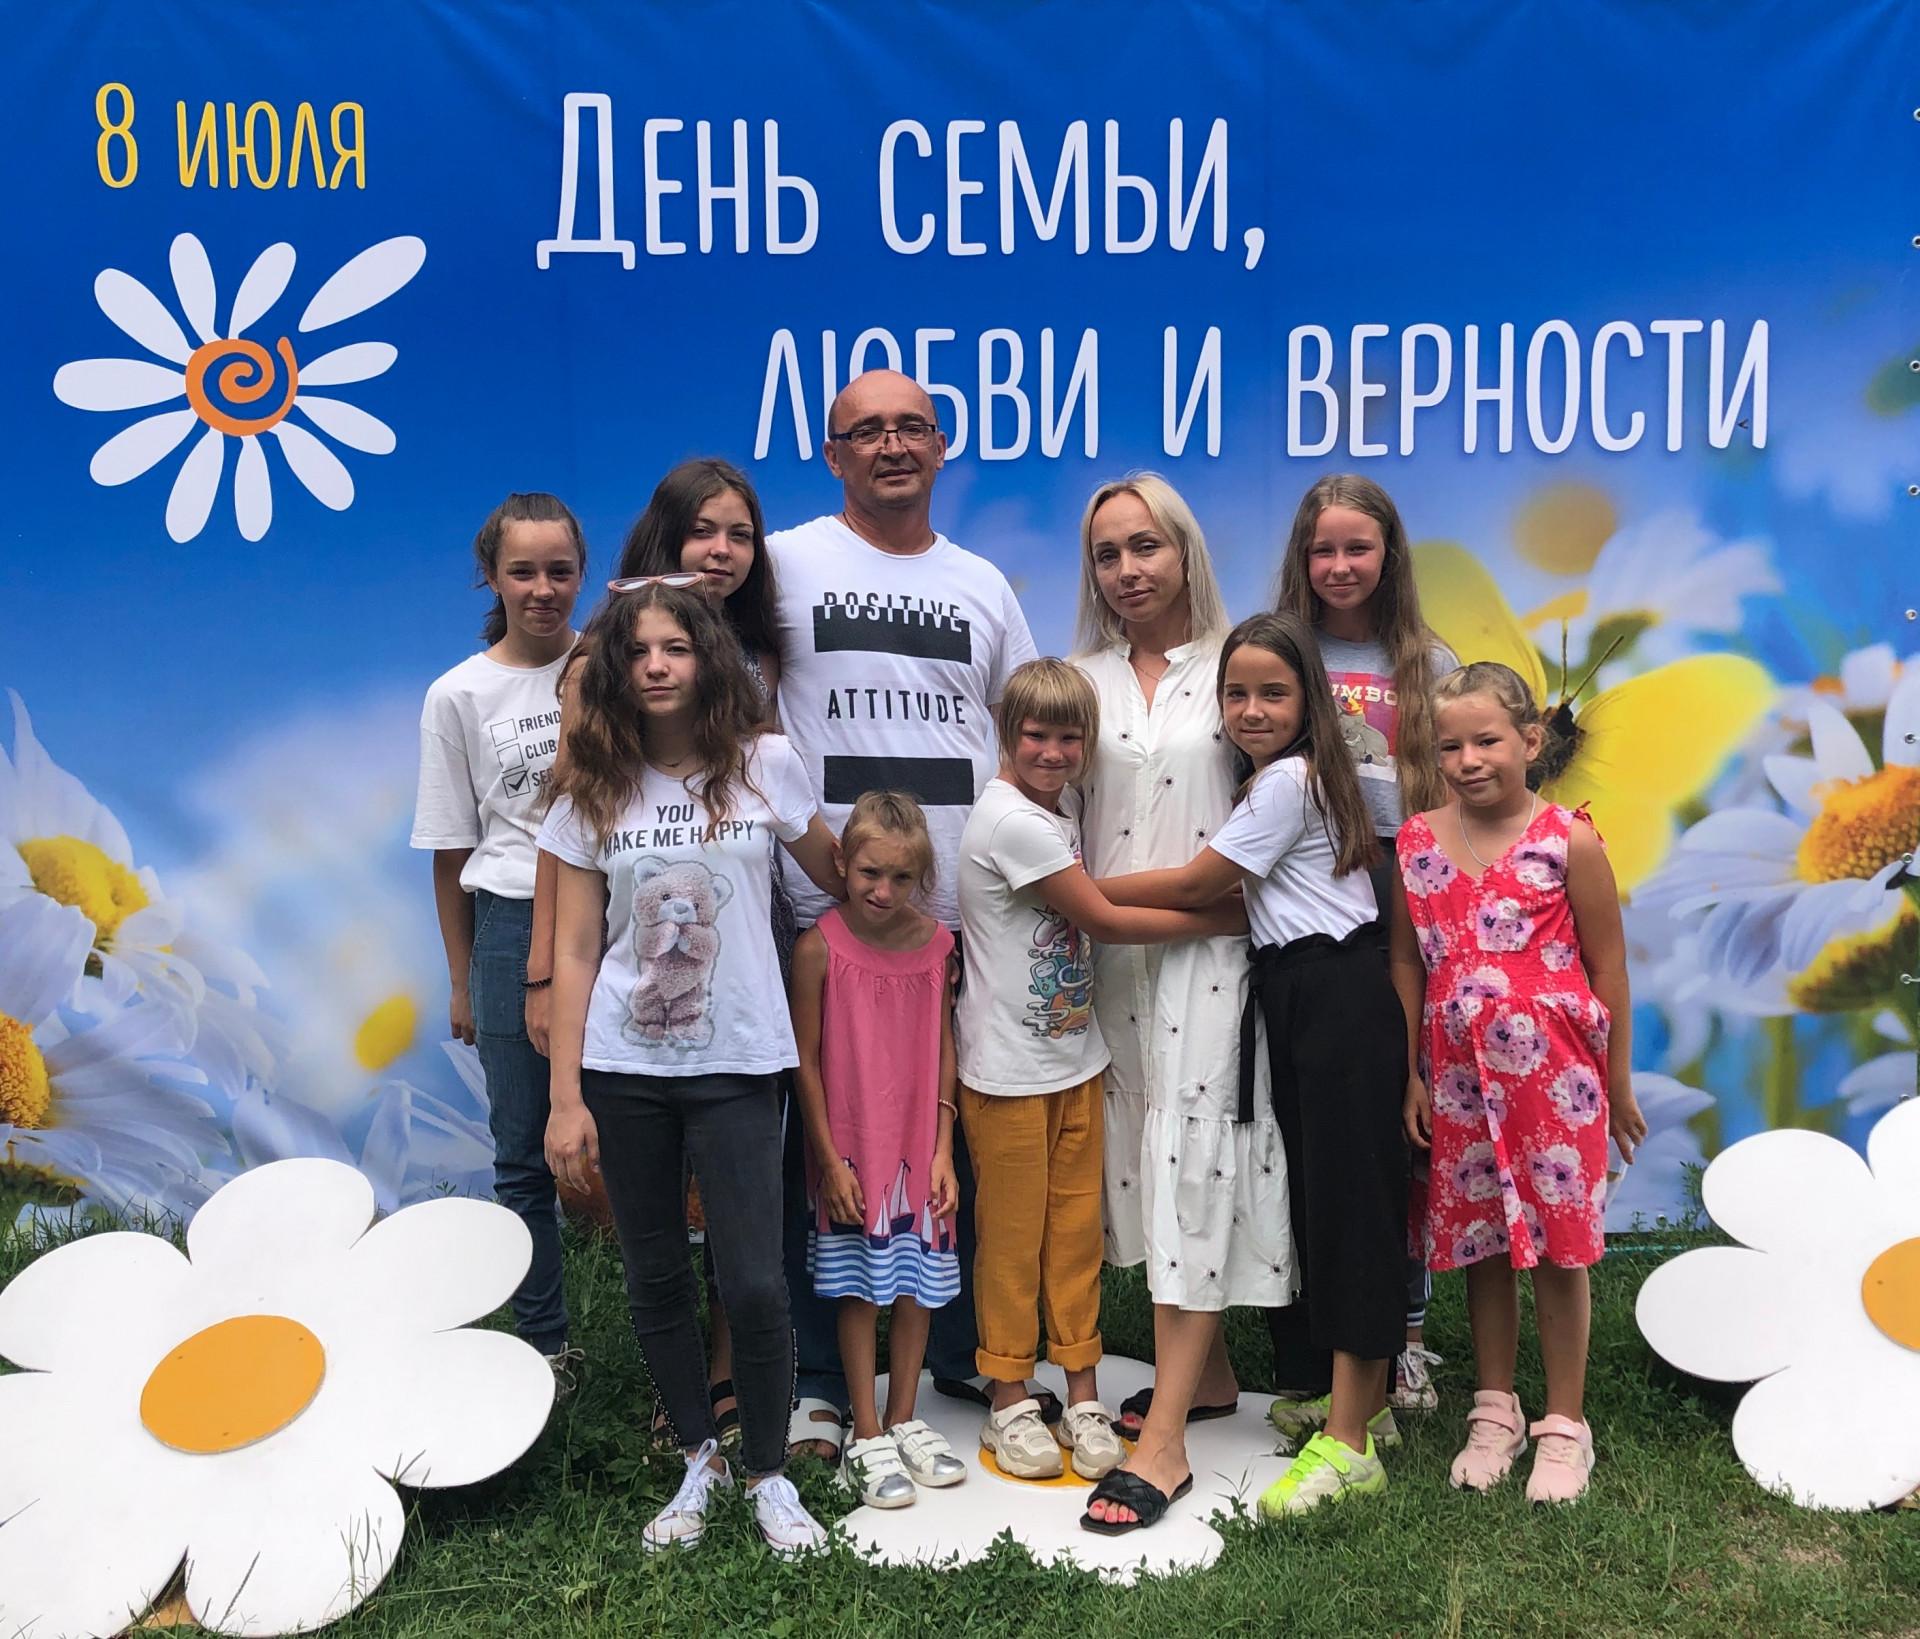 Слева направо: Лиза, Карина, Настя, Ксения, Юрий, Элона, Анна, Полина, Лера, Люба